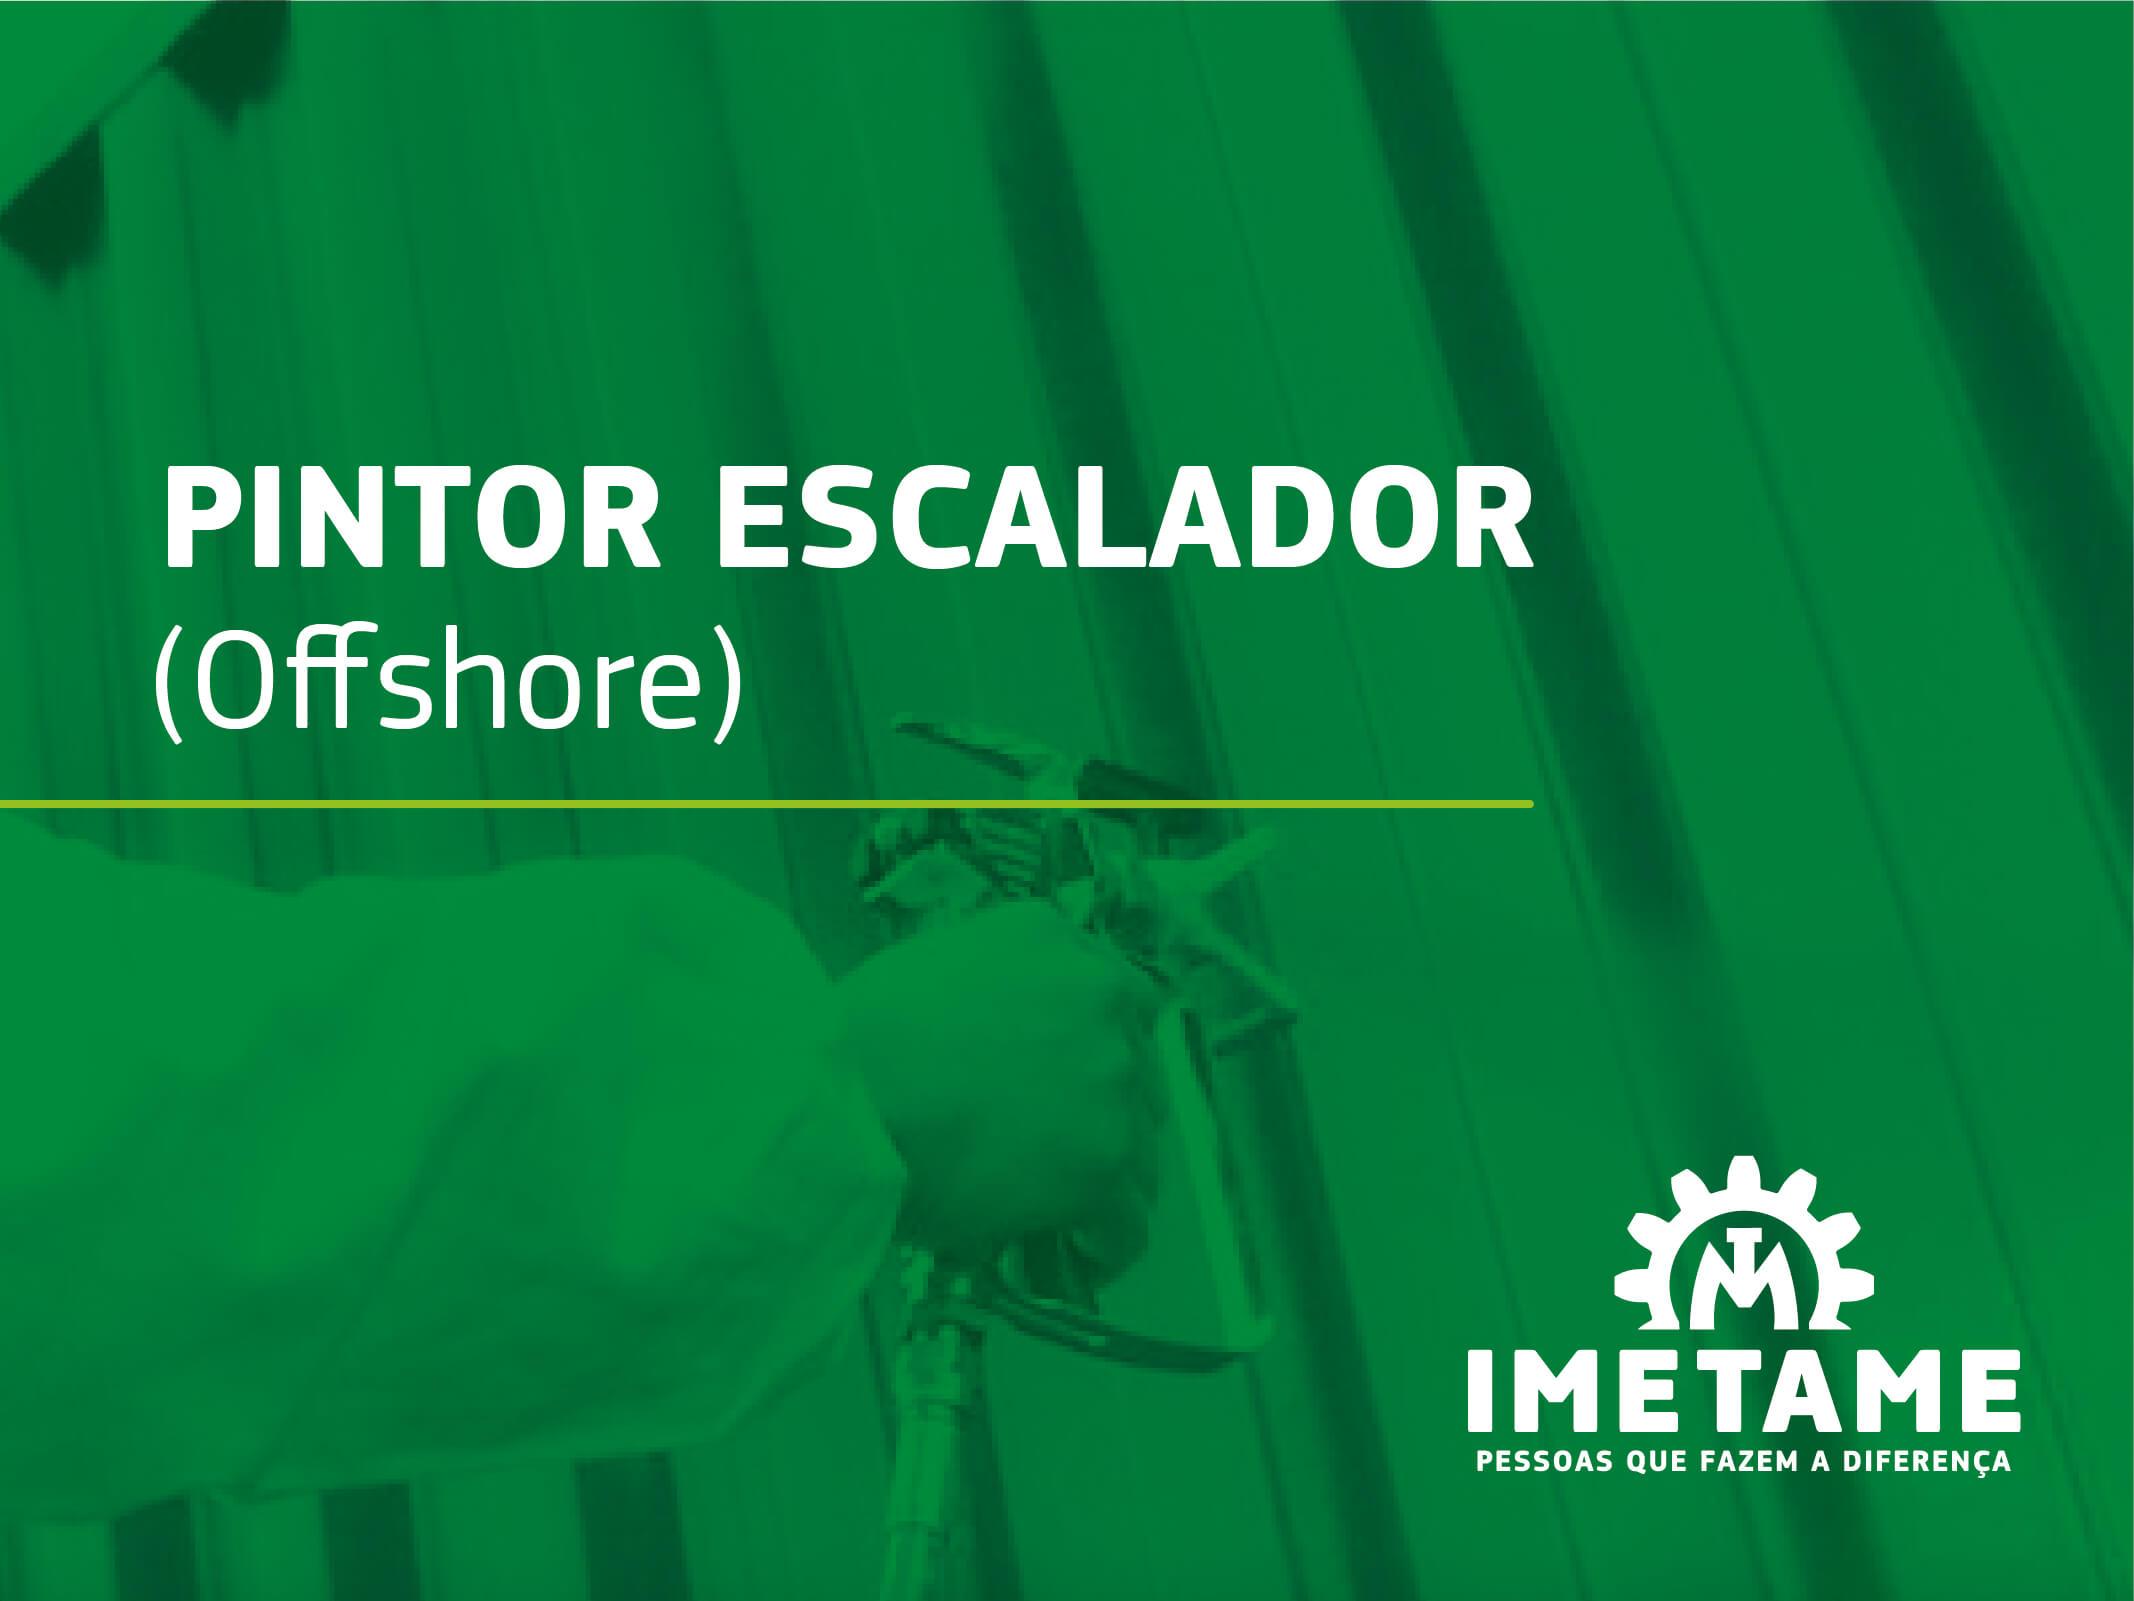 Pintor Escalador – Offshore